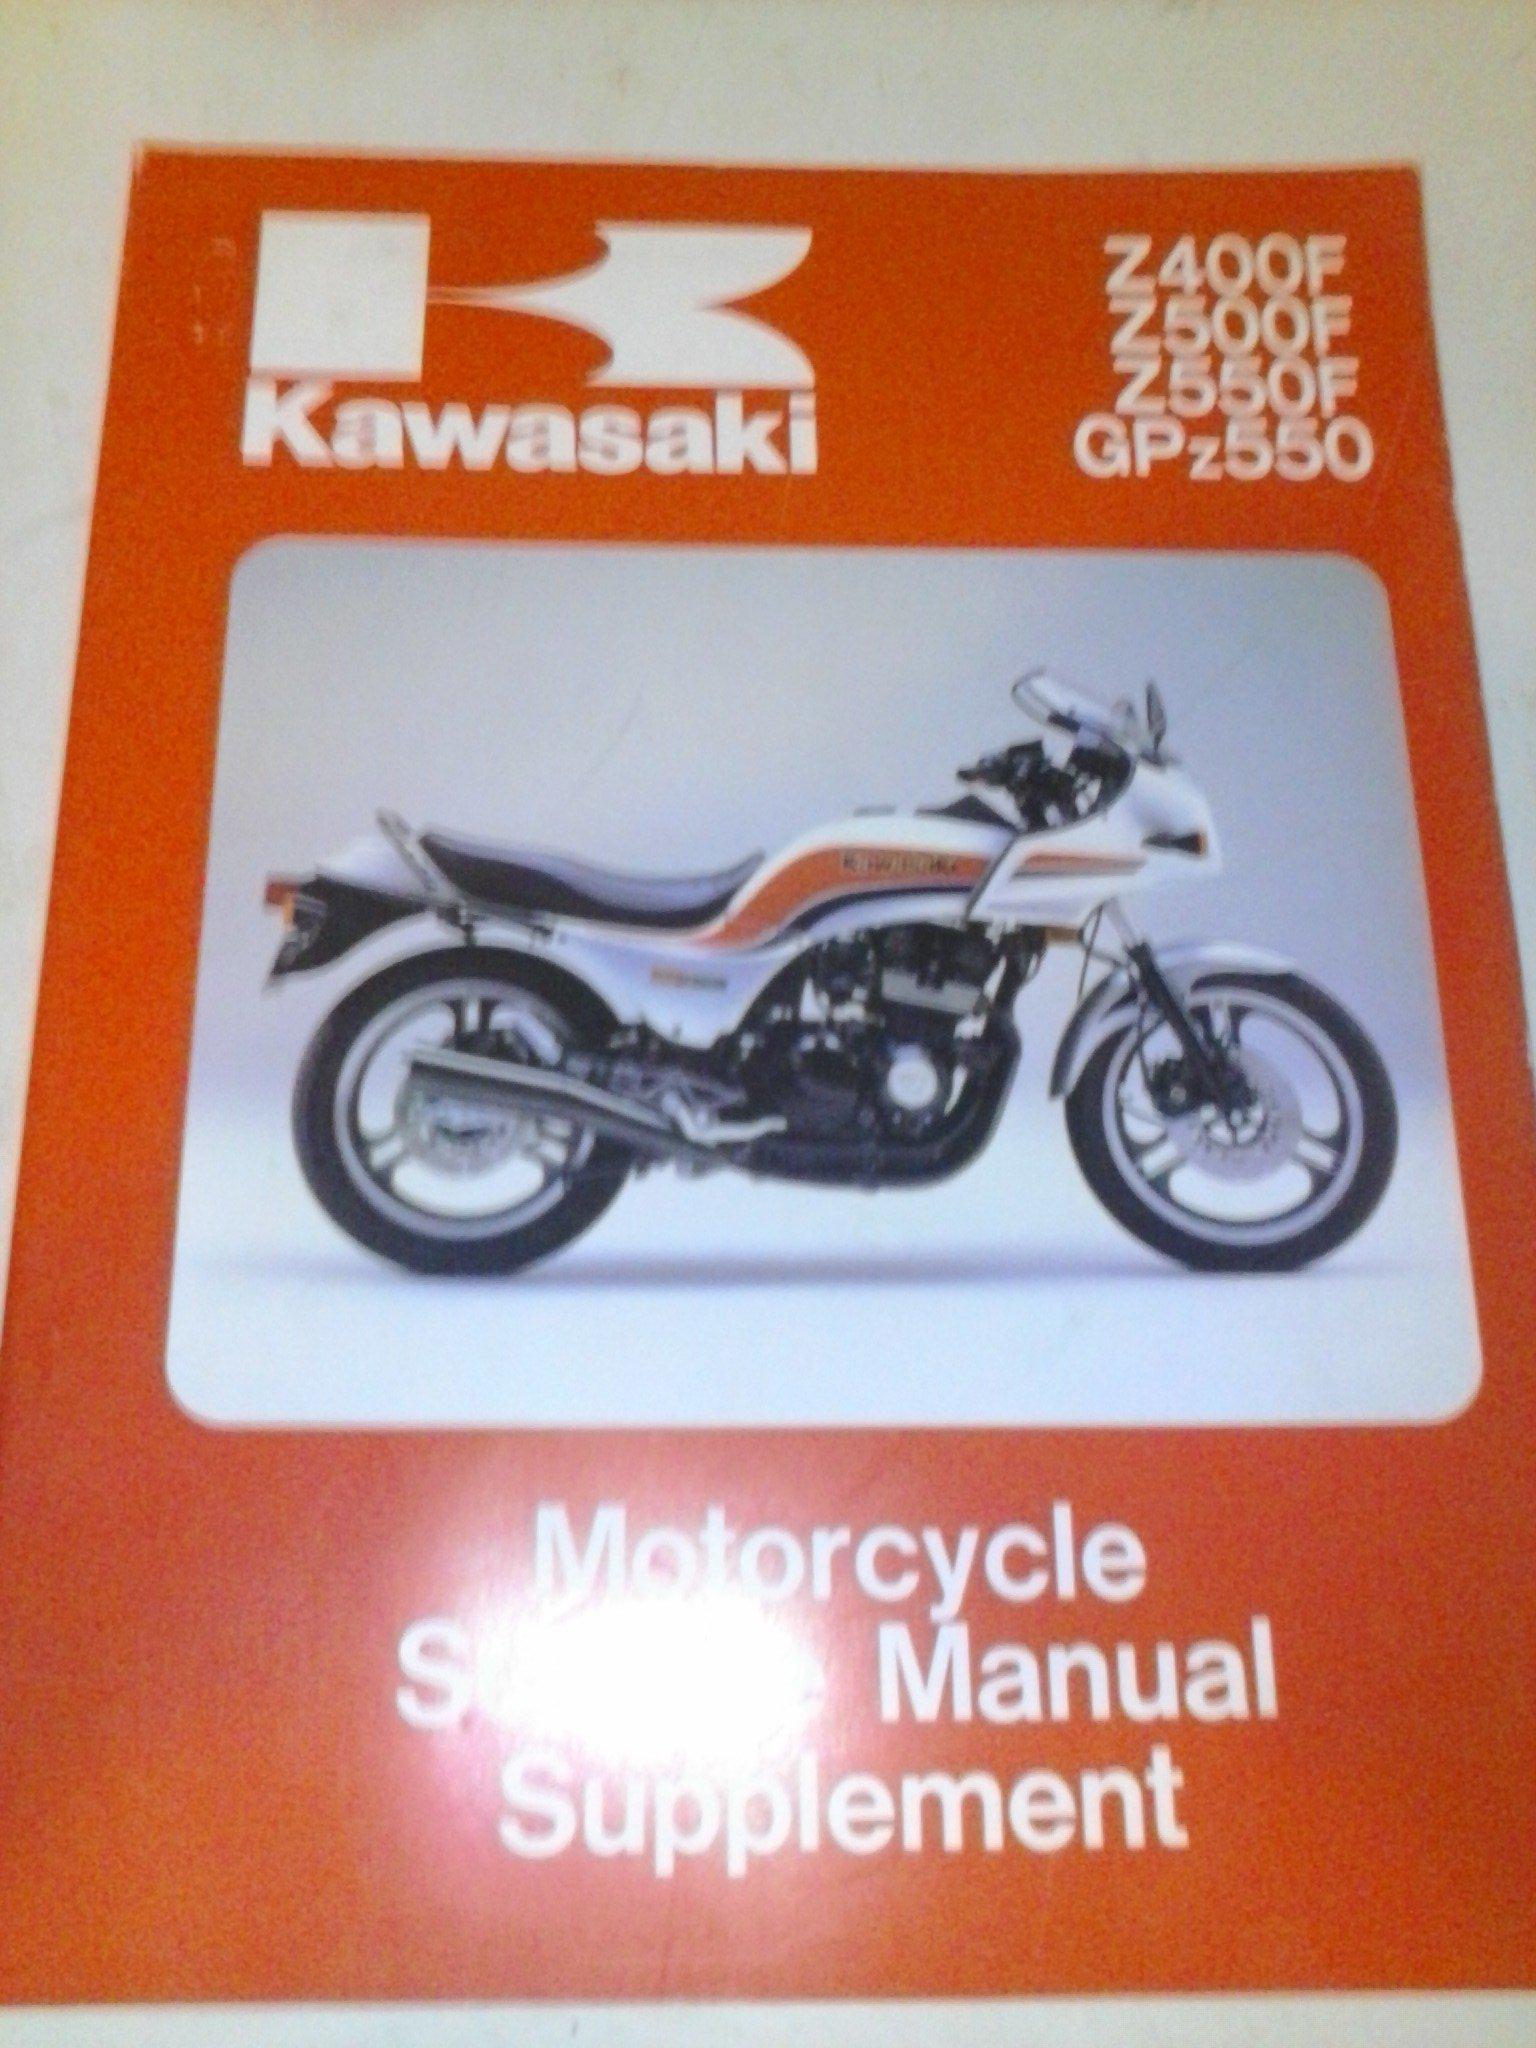 1983 1985 kawasaki z400f z500f z550f gpz400 service repair supplement manual download 1983 1984 1985